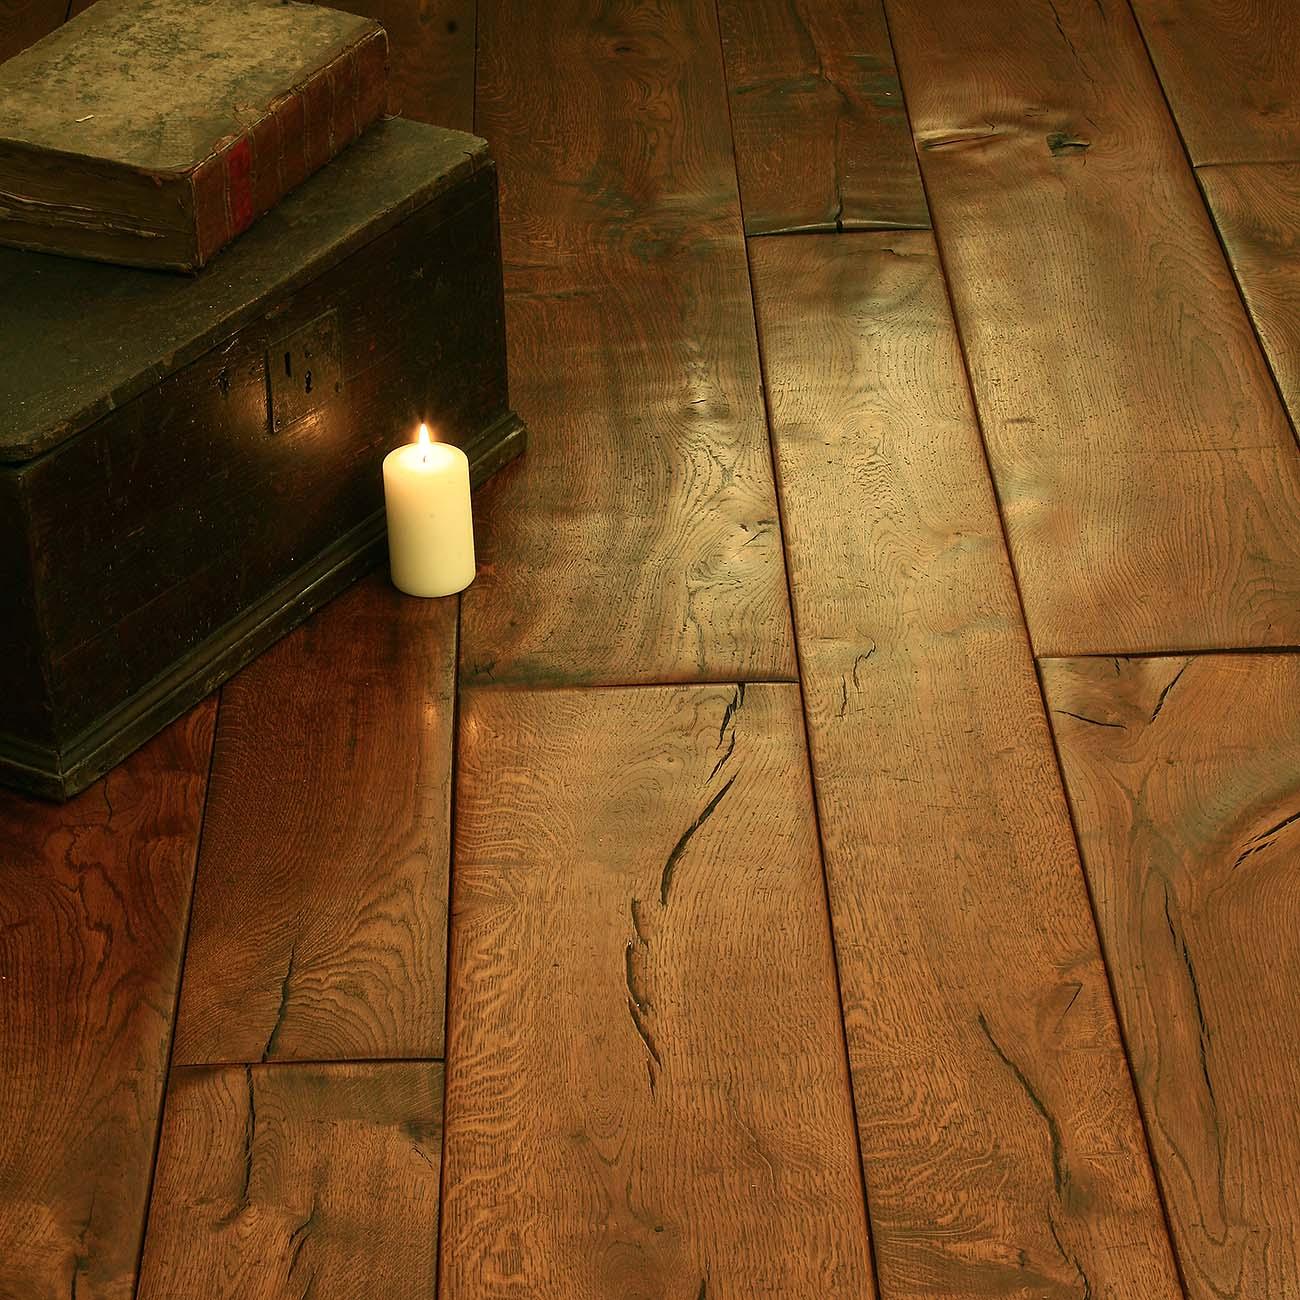 Wide wooden flooring